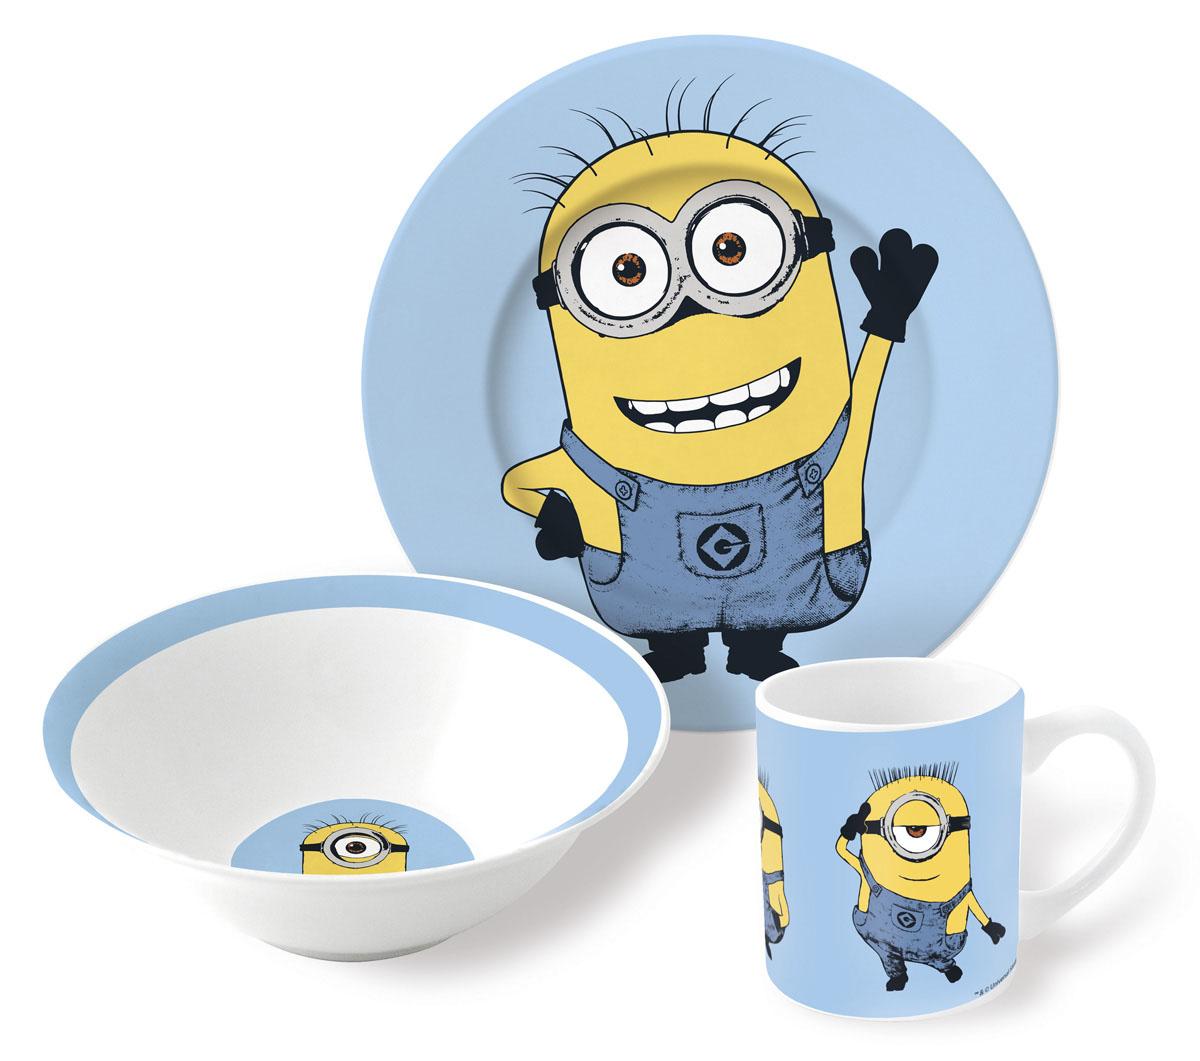 Гадкий Я Набор детской посуды 3 предмета77065Набор детской посуды Гадкий Я состоит из тарелки, миски и кружки. Предметы набора изготовлены из высококачественной керамики. Изделия оформлены красочными изображениями героев одноименного мультфильма.Яркий красочный набор привлечет внимание ребенка и сделает завтраки, обеды и ужины веселым занятием.Можно использовать в микроволновой печи и мыть в посудомоечной машине.